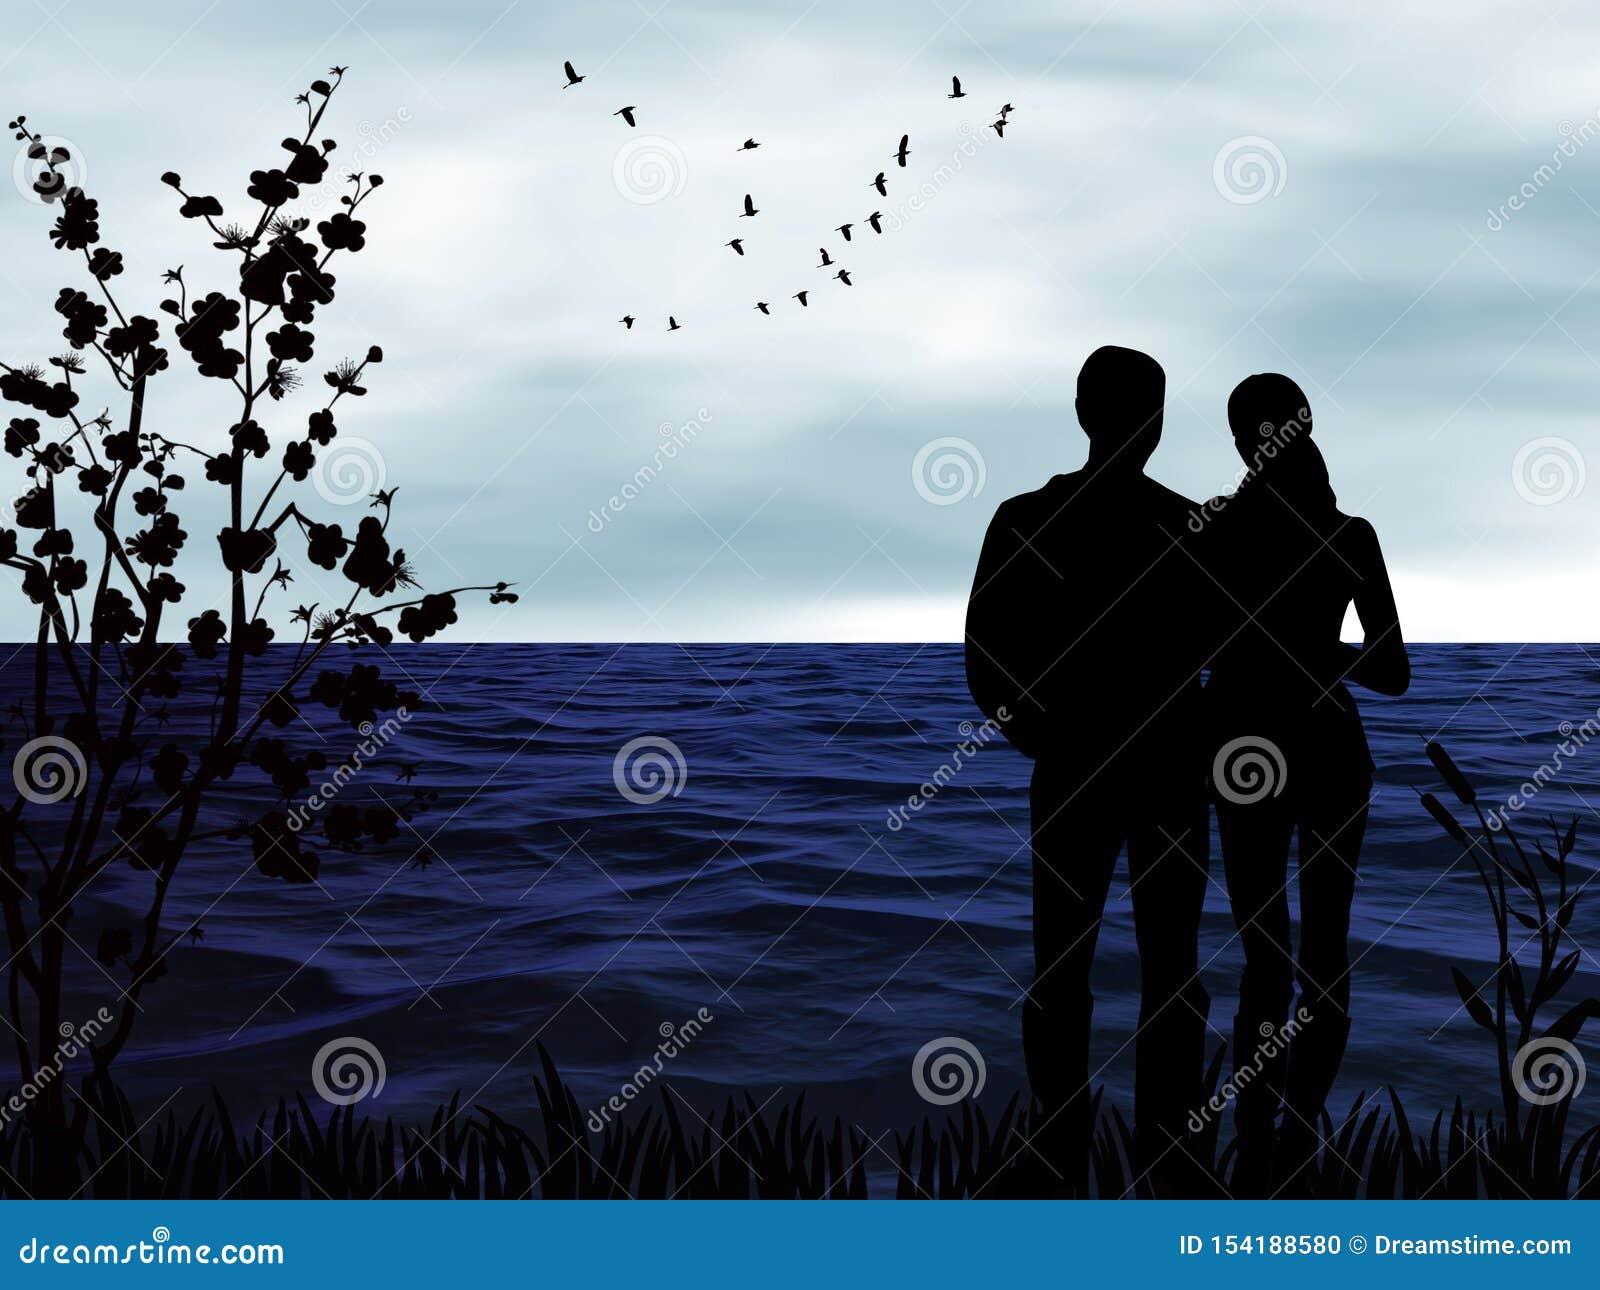 Konturer av folk på en romantisk solnedgång vid havet